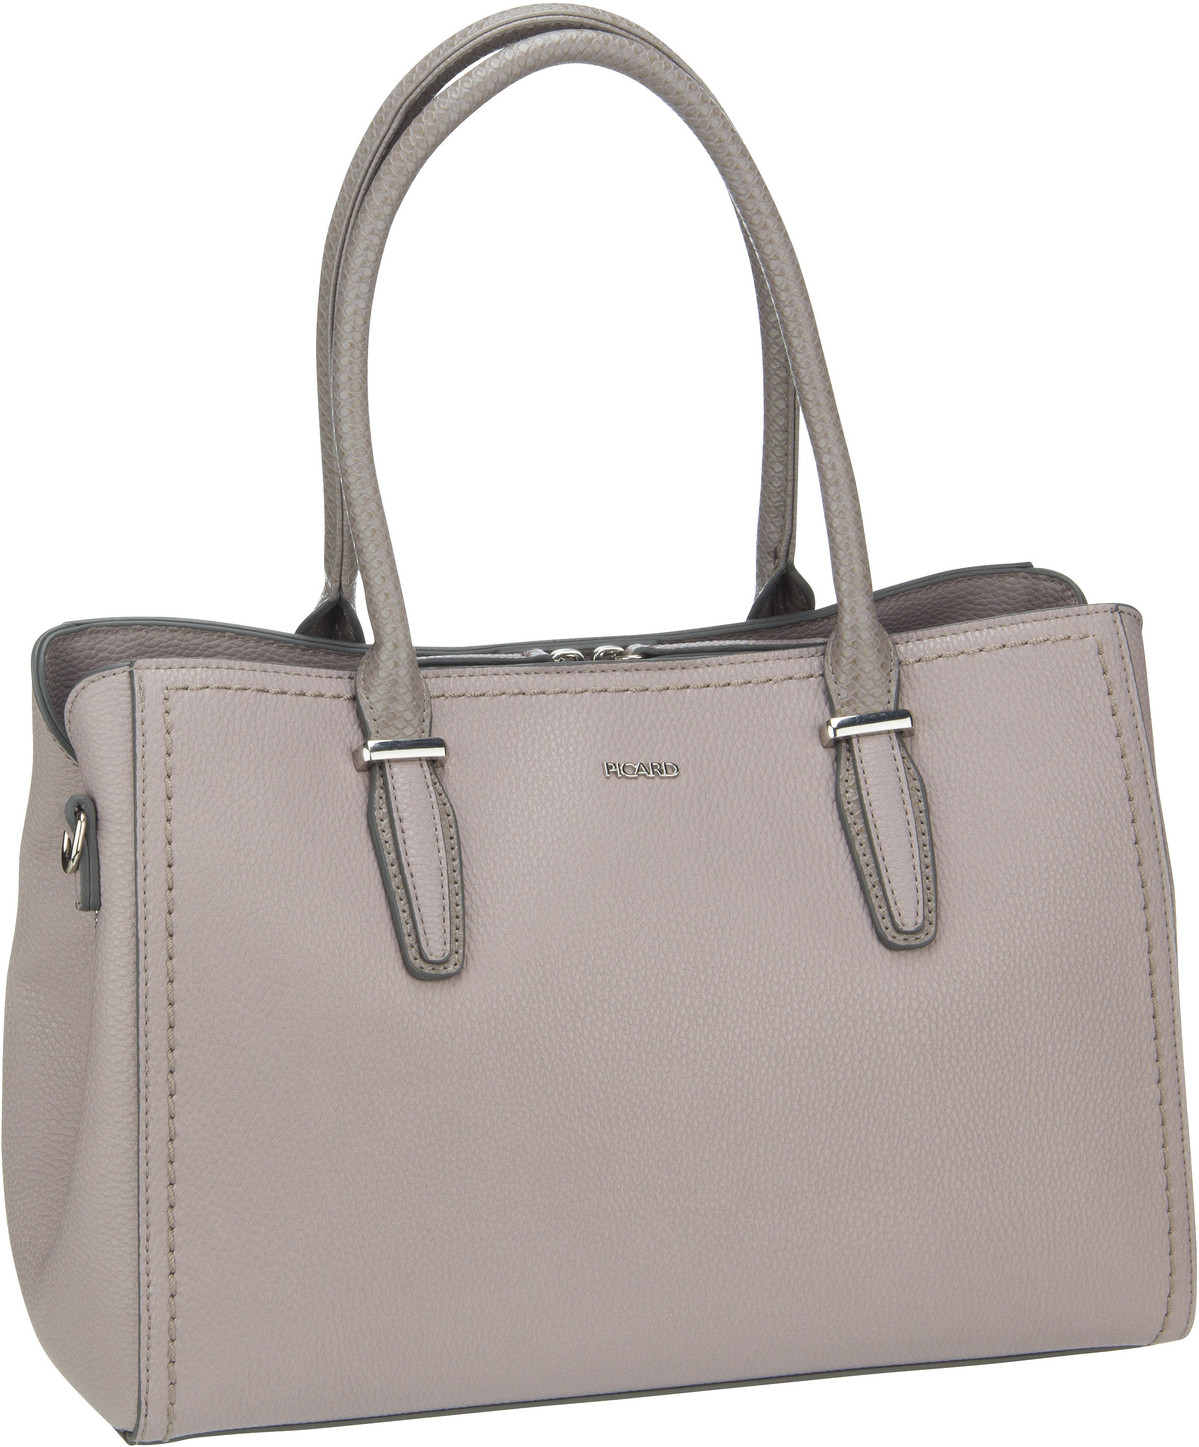 Handtasche Classy 2770 Lavender